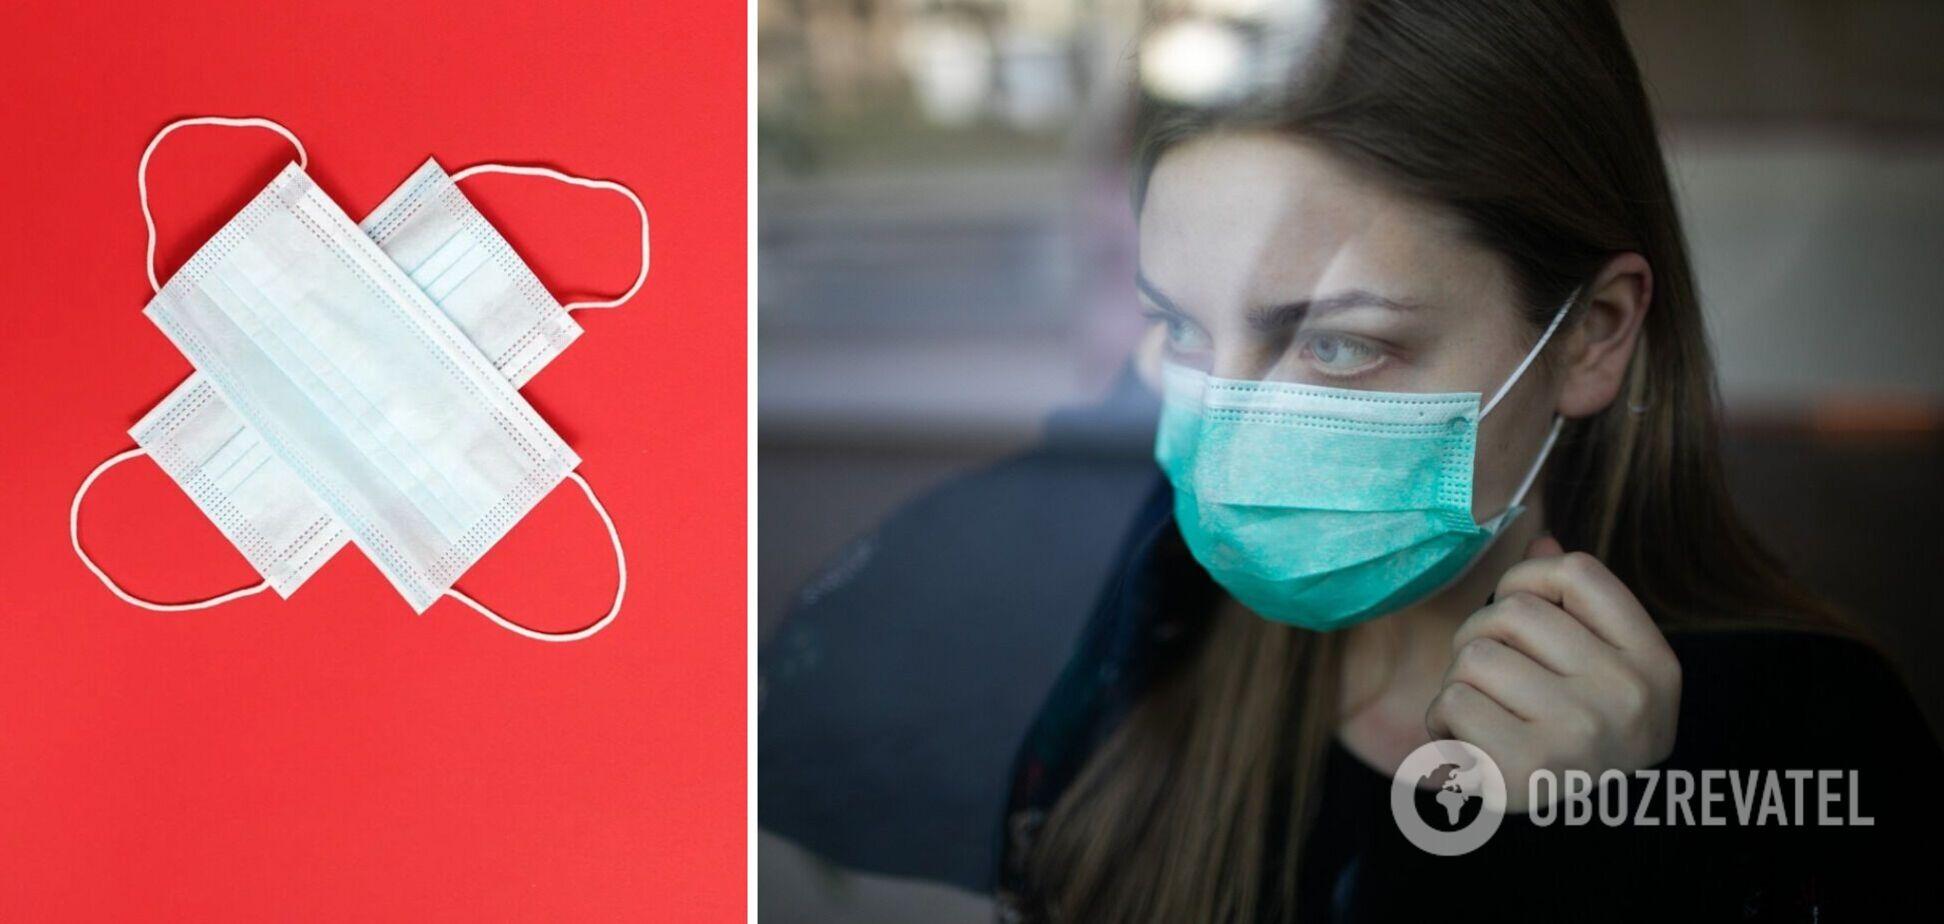 Київ став лідером із захворюваності на COVID-19 в Україні: дані за областями